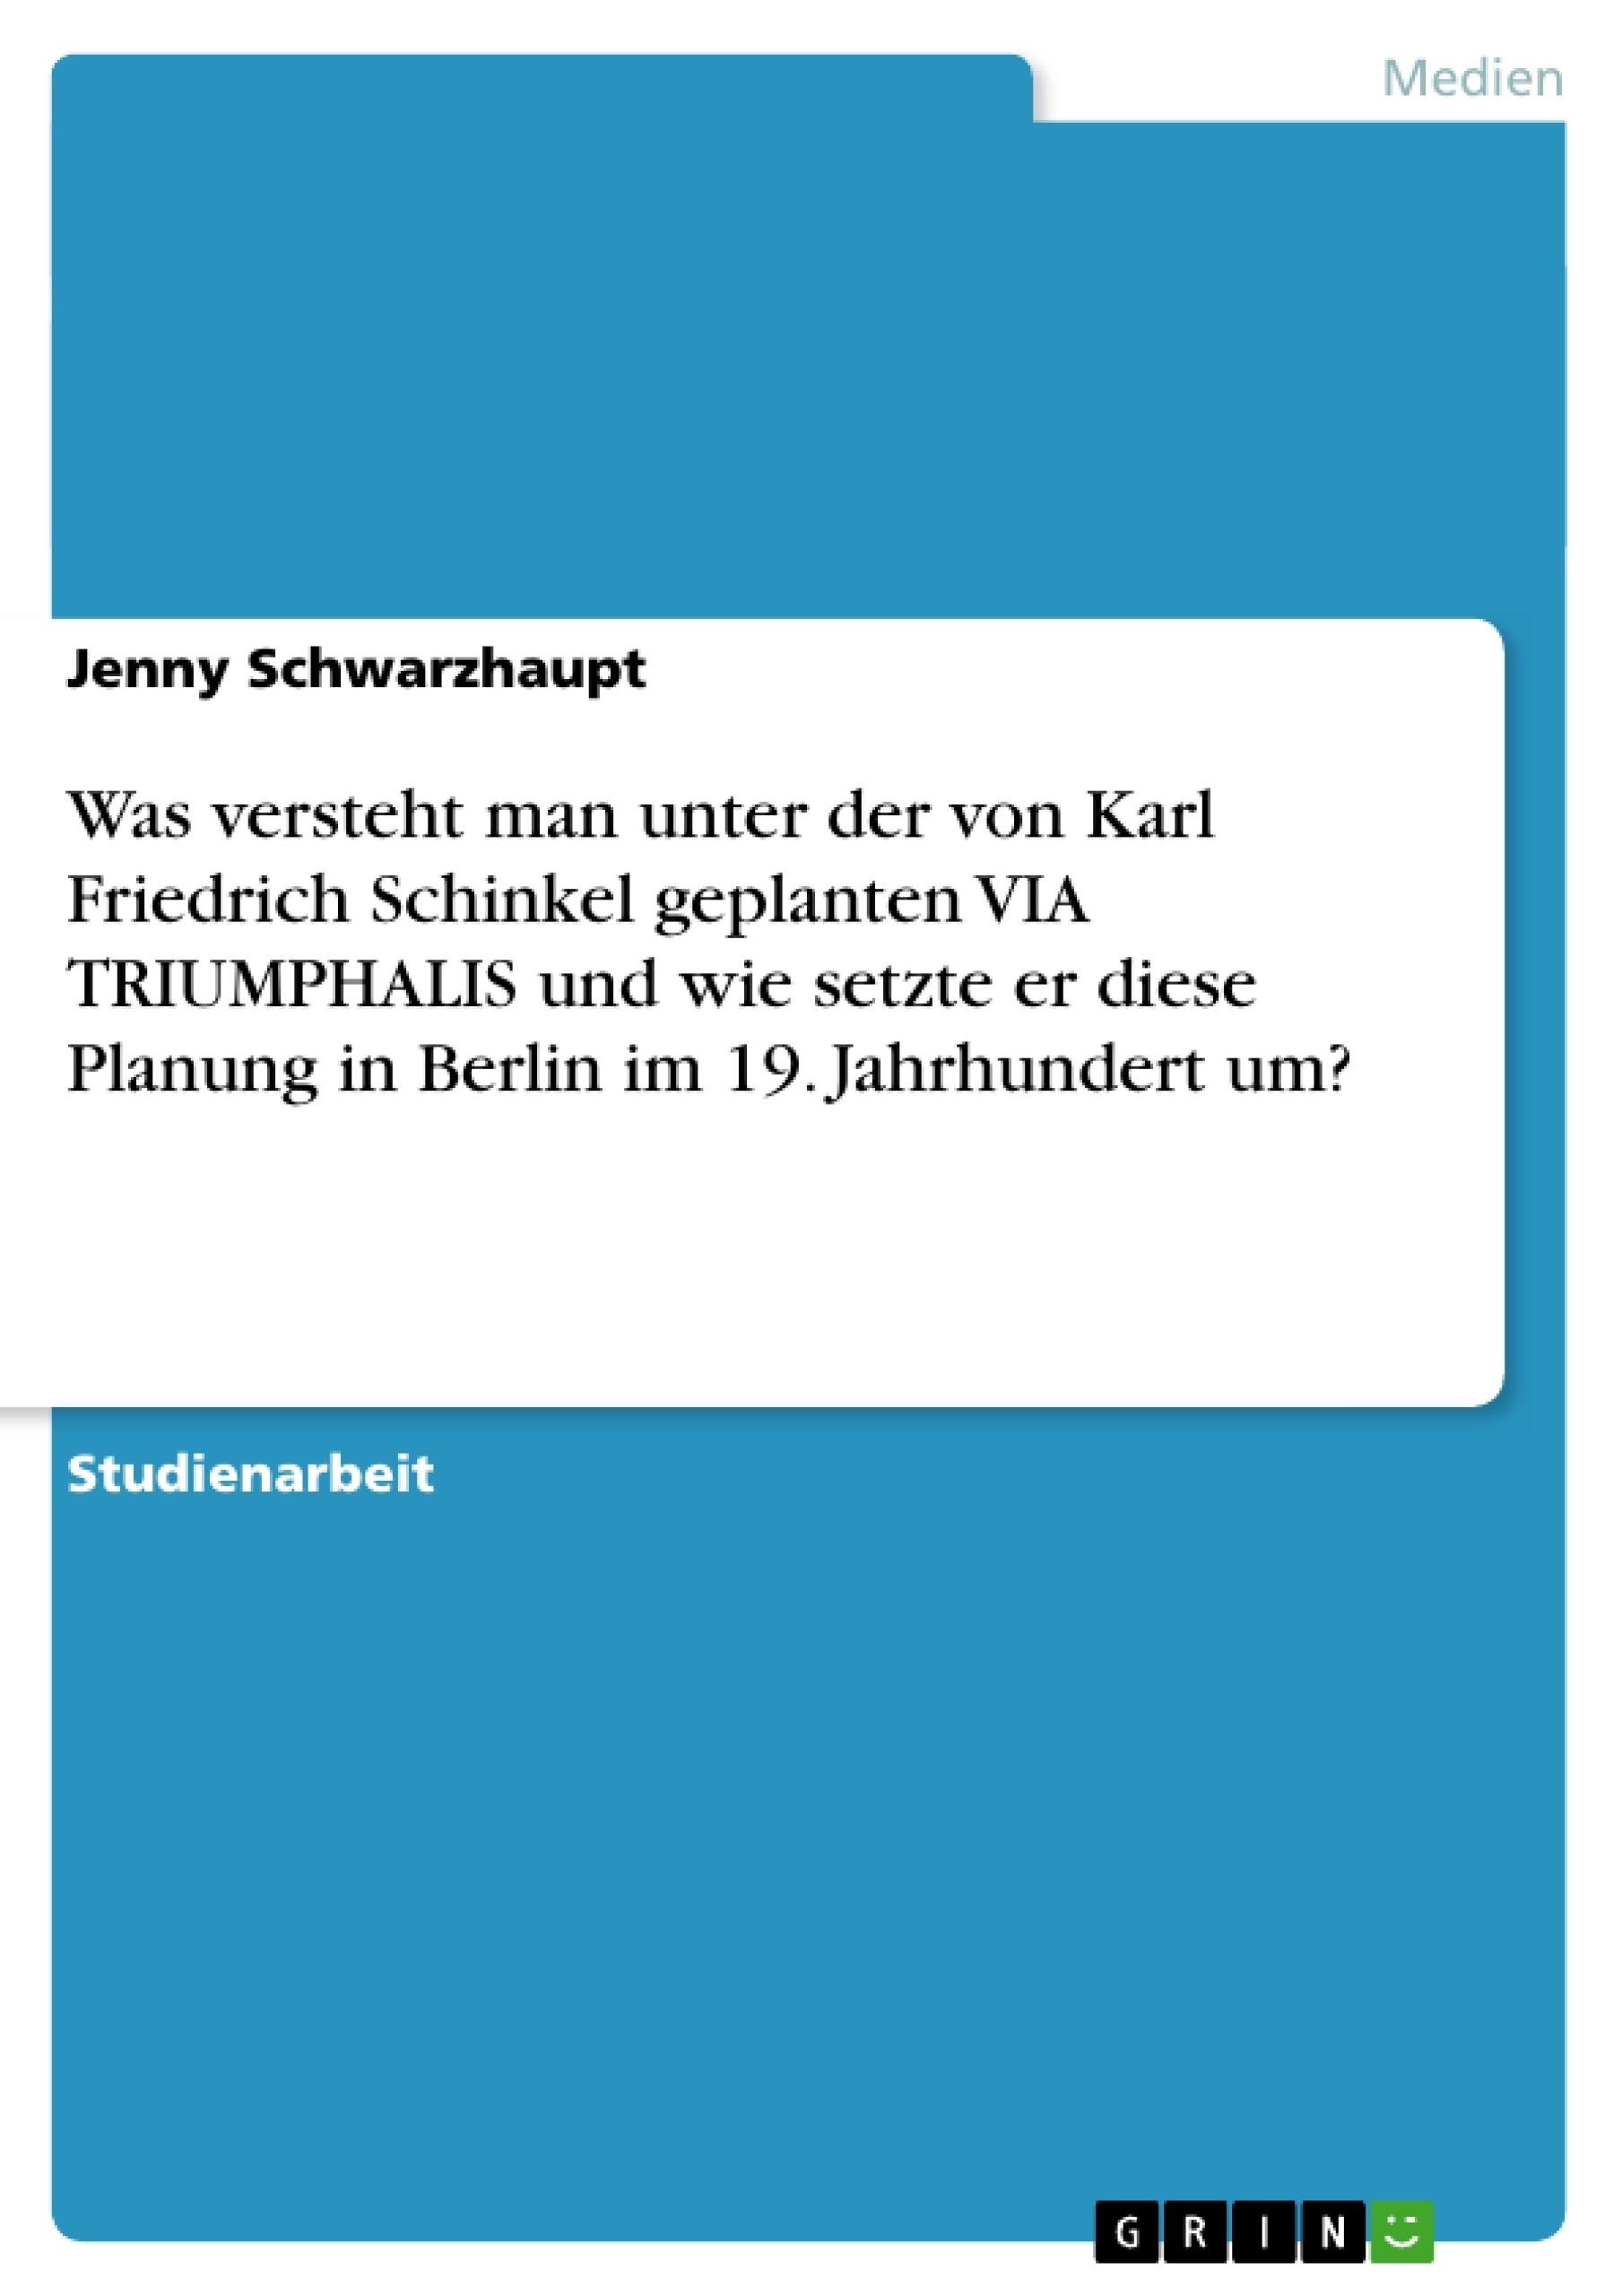 Titel: Was versteht man unter der von Karl Friedrich Schinkel geplanten VIA TRIUMPHALIS und wie setzte er diese Planung in Berlin im 19. Jahrhundert um?